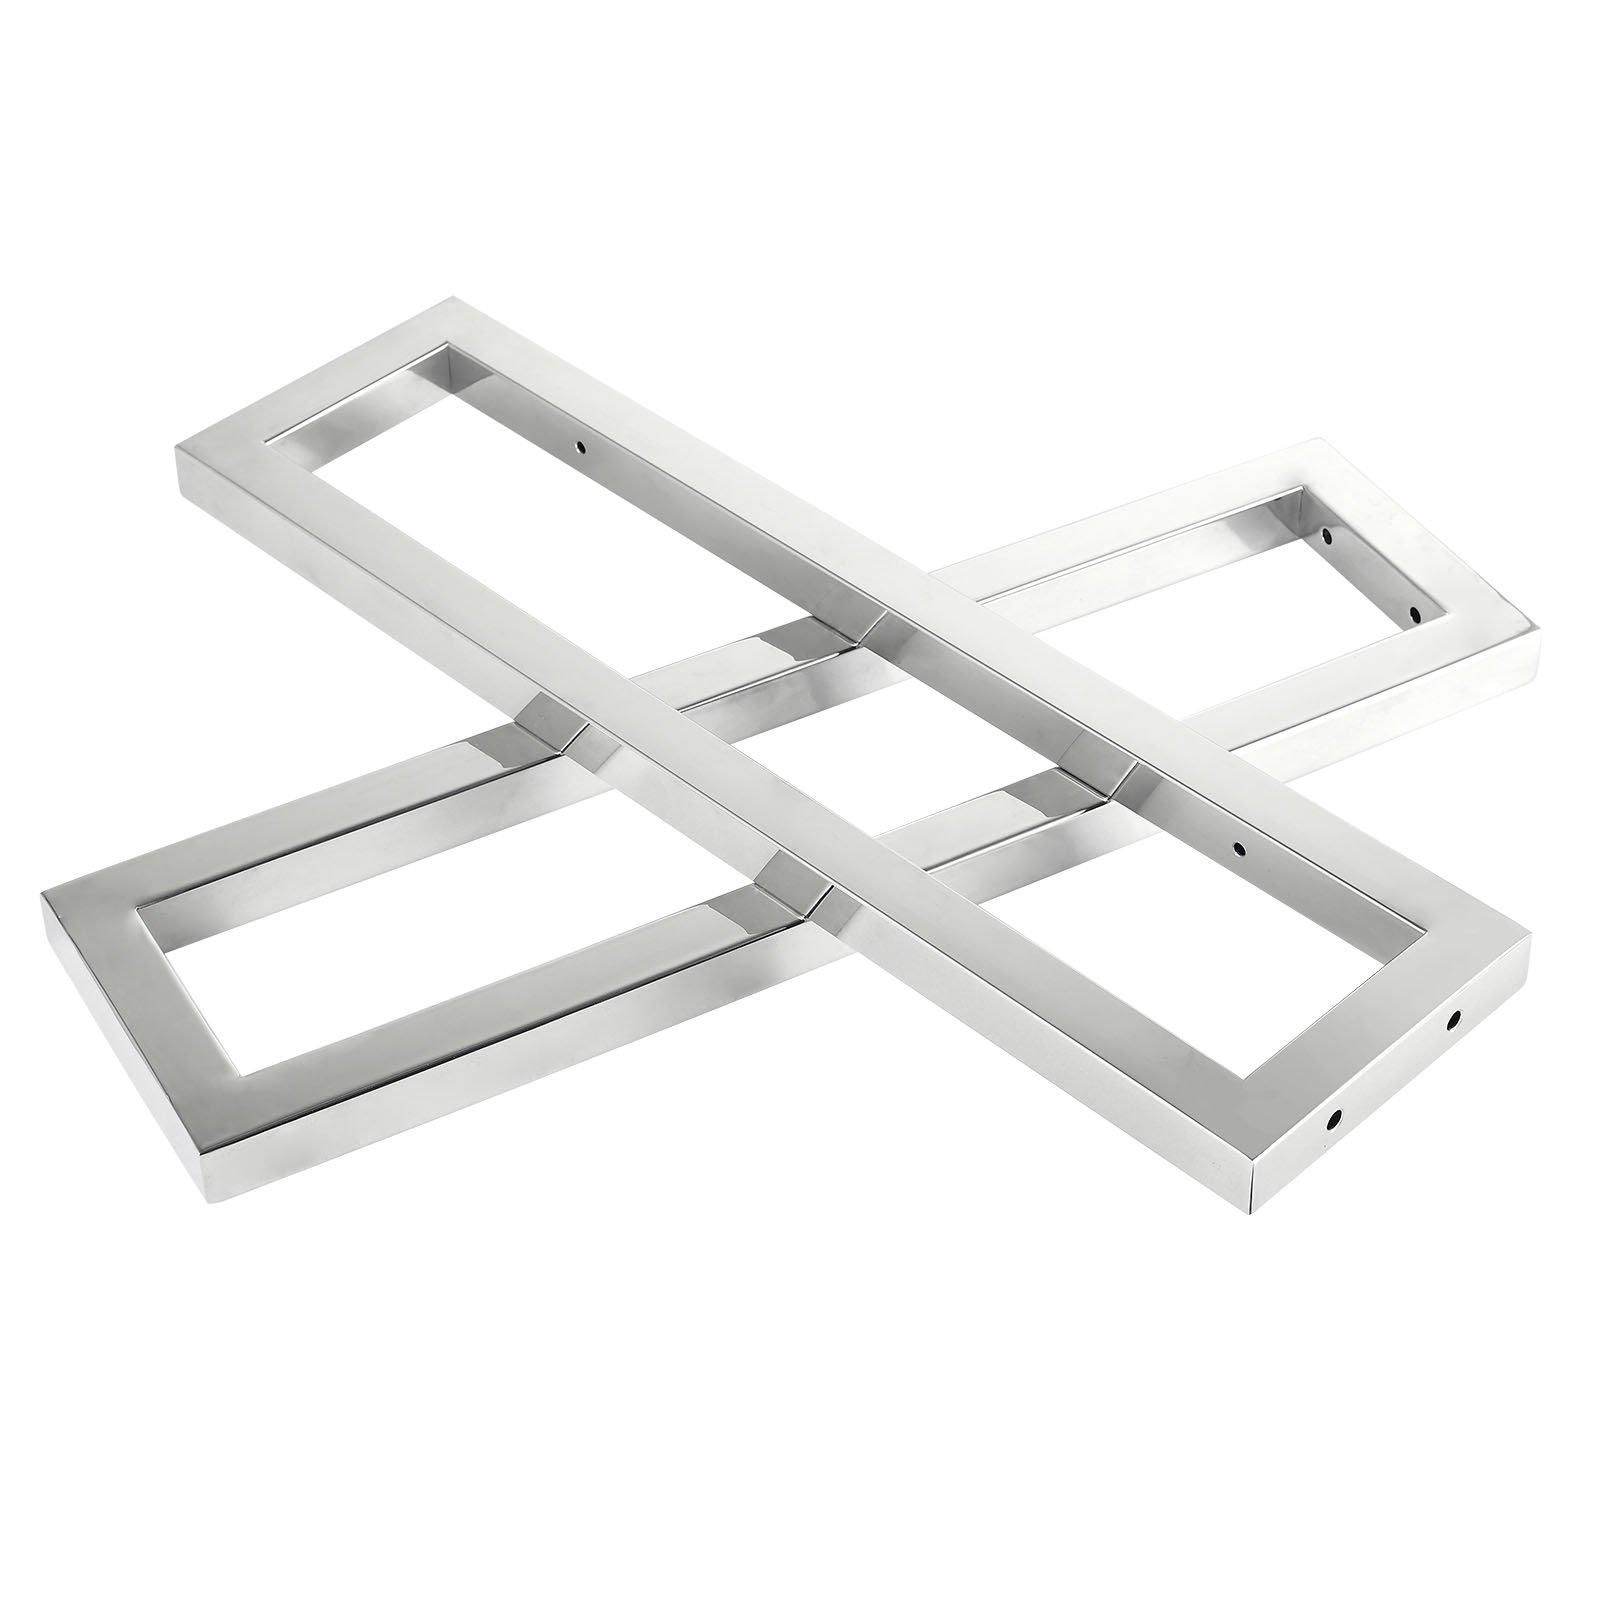 Design Wandhalterung Handtuchhalter für Waschtischplatte Counterboard SMART-Line - 2 Stück